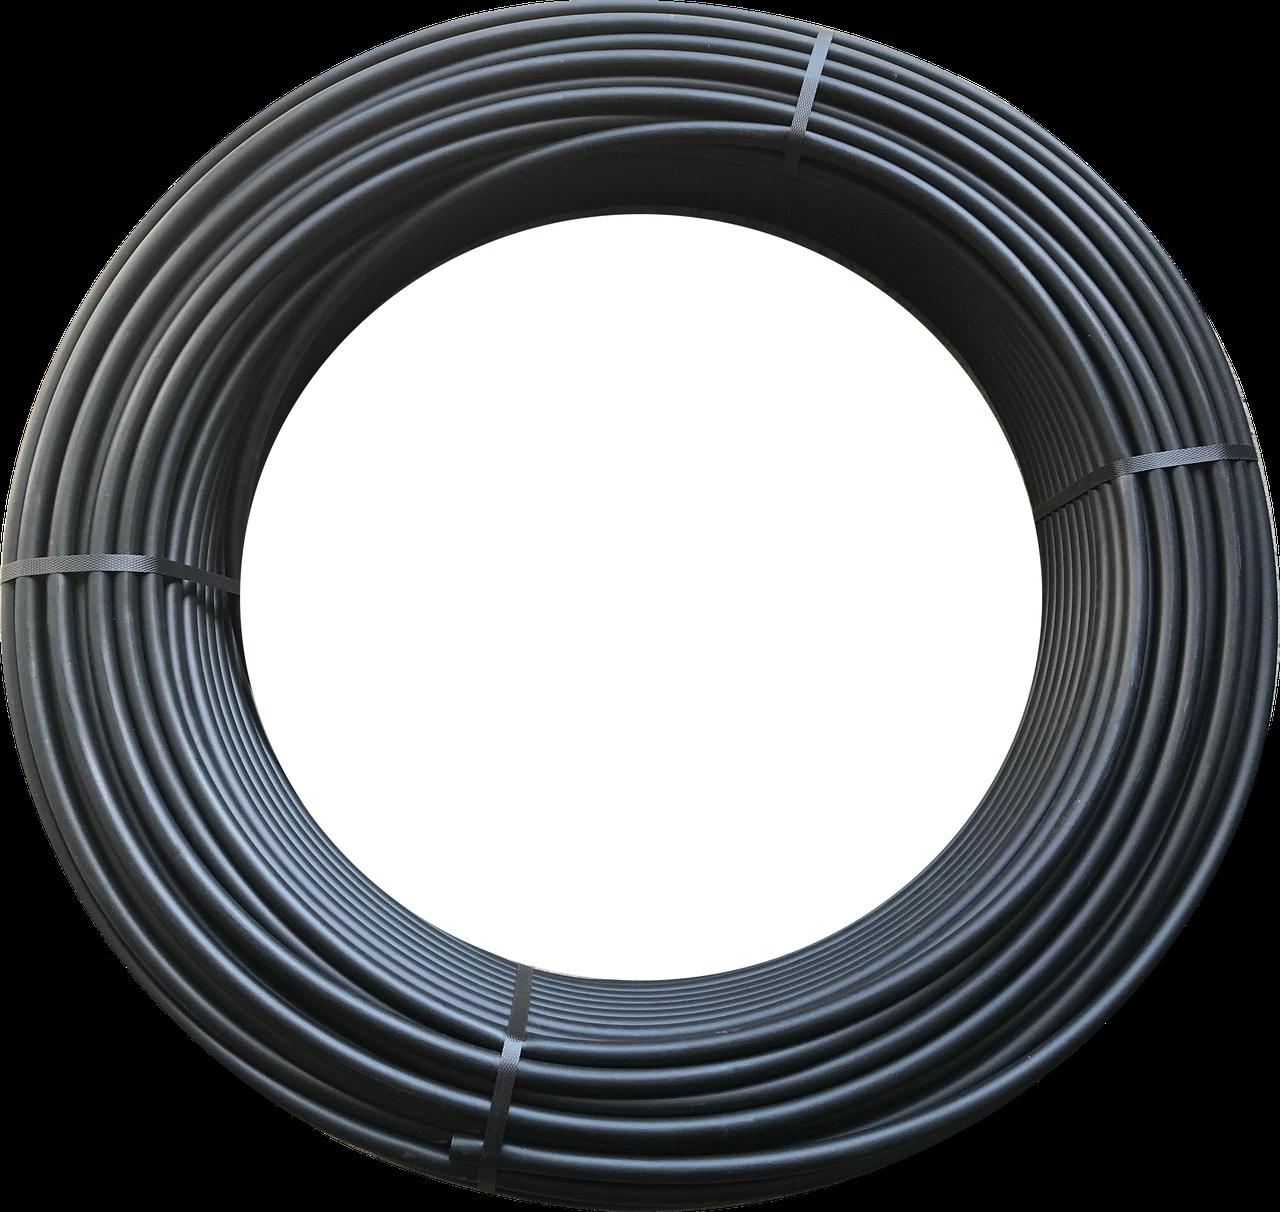 Капельная трубка слепая 16мм длина 200м стенка 1,2 мм